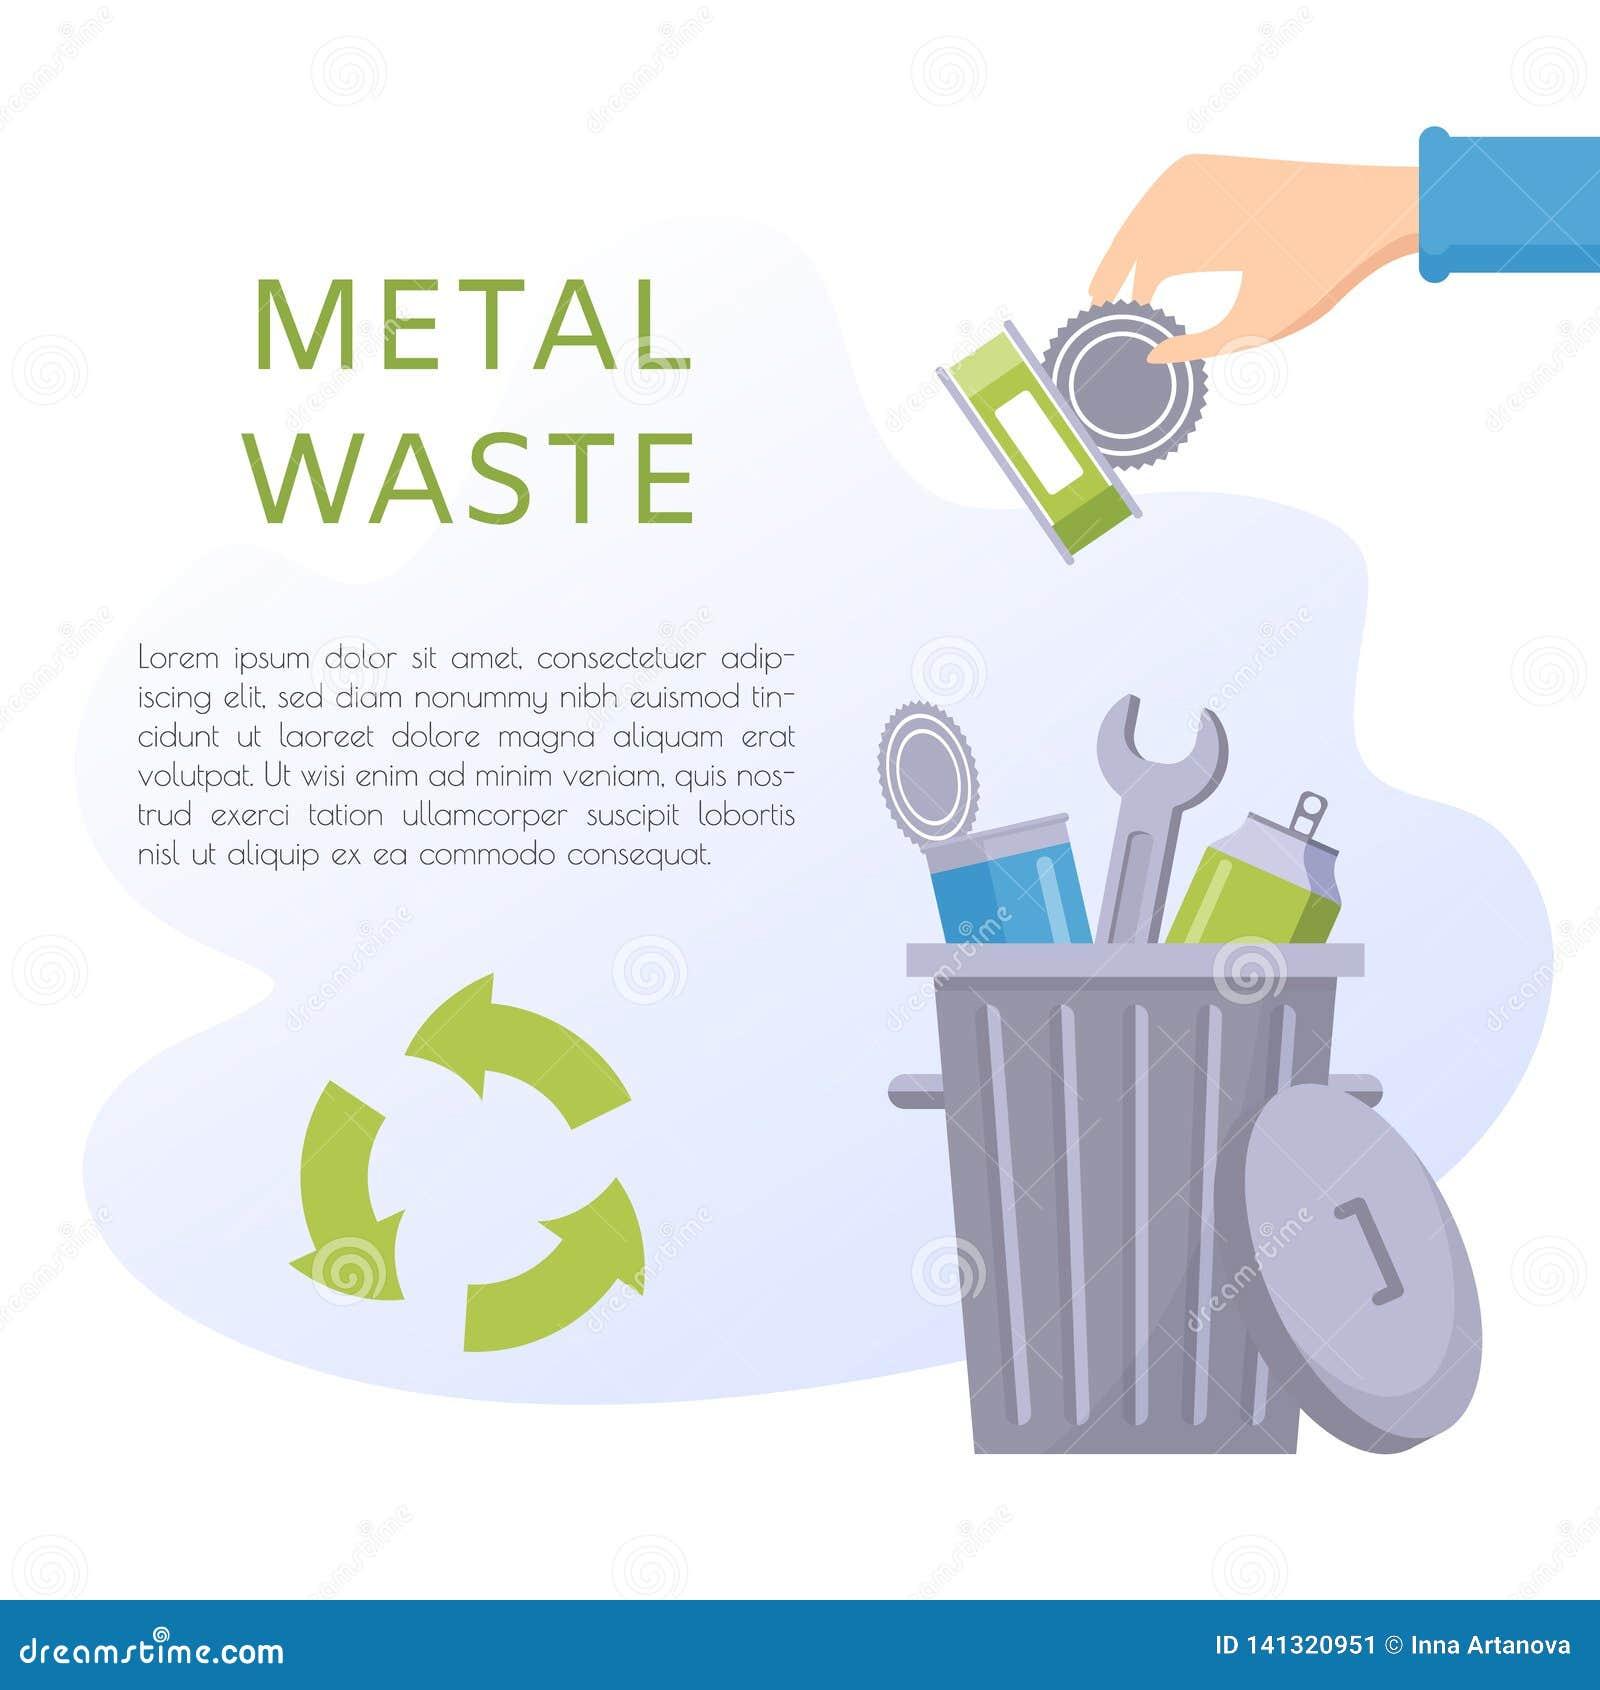 Διανυσματική απεικόνιση αποβλήτων μετάλλων Εγχώρια ουσία - τα κονσερβοποιημένα αγαθά, κασσίτεροι, κλειδιά, σόδα μπορούν, εργαλεία